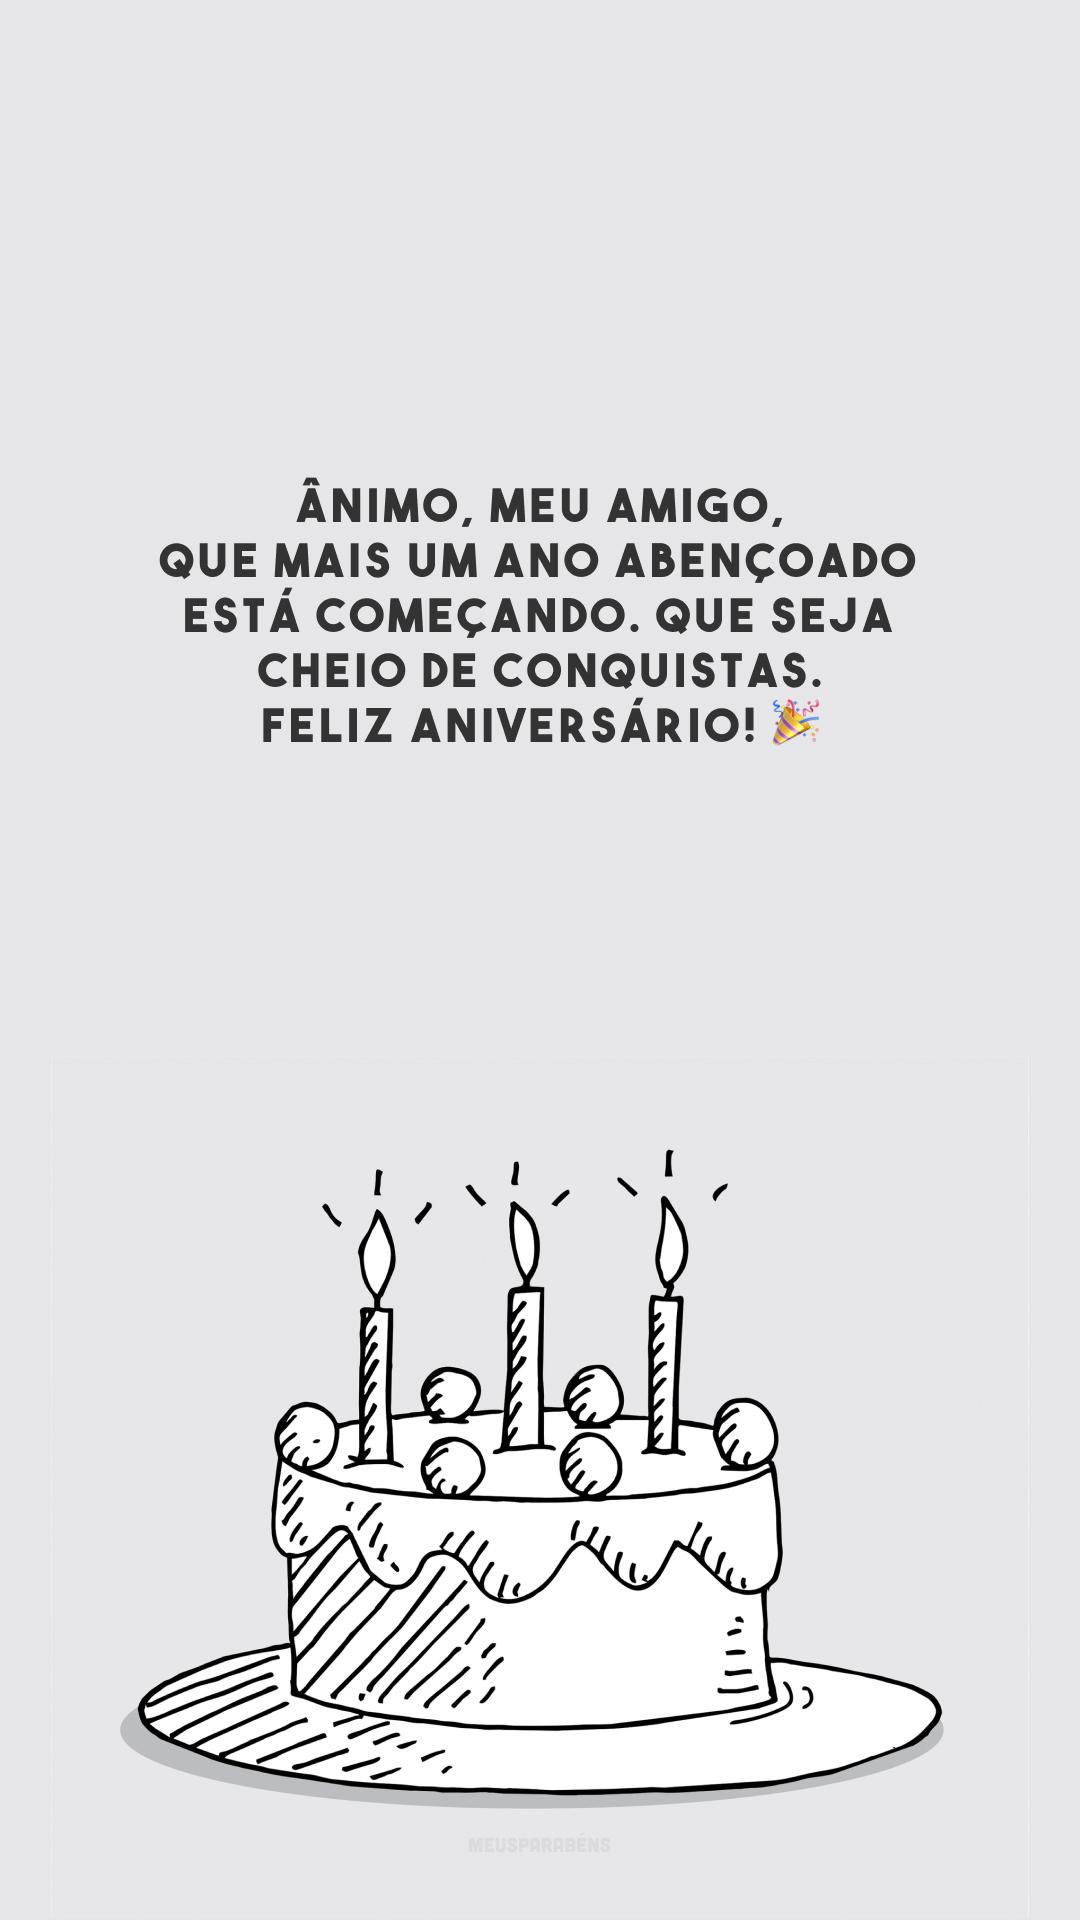 Ânimo, meu amigo, que mais um ano abençoado está começando. Que seja cheio de conquistas. Feliz aniversário! 🎉